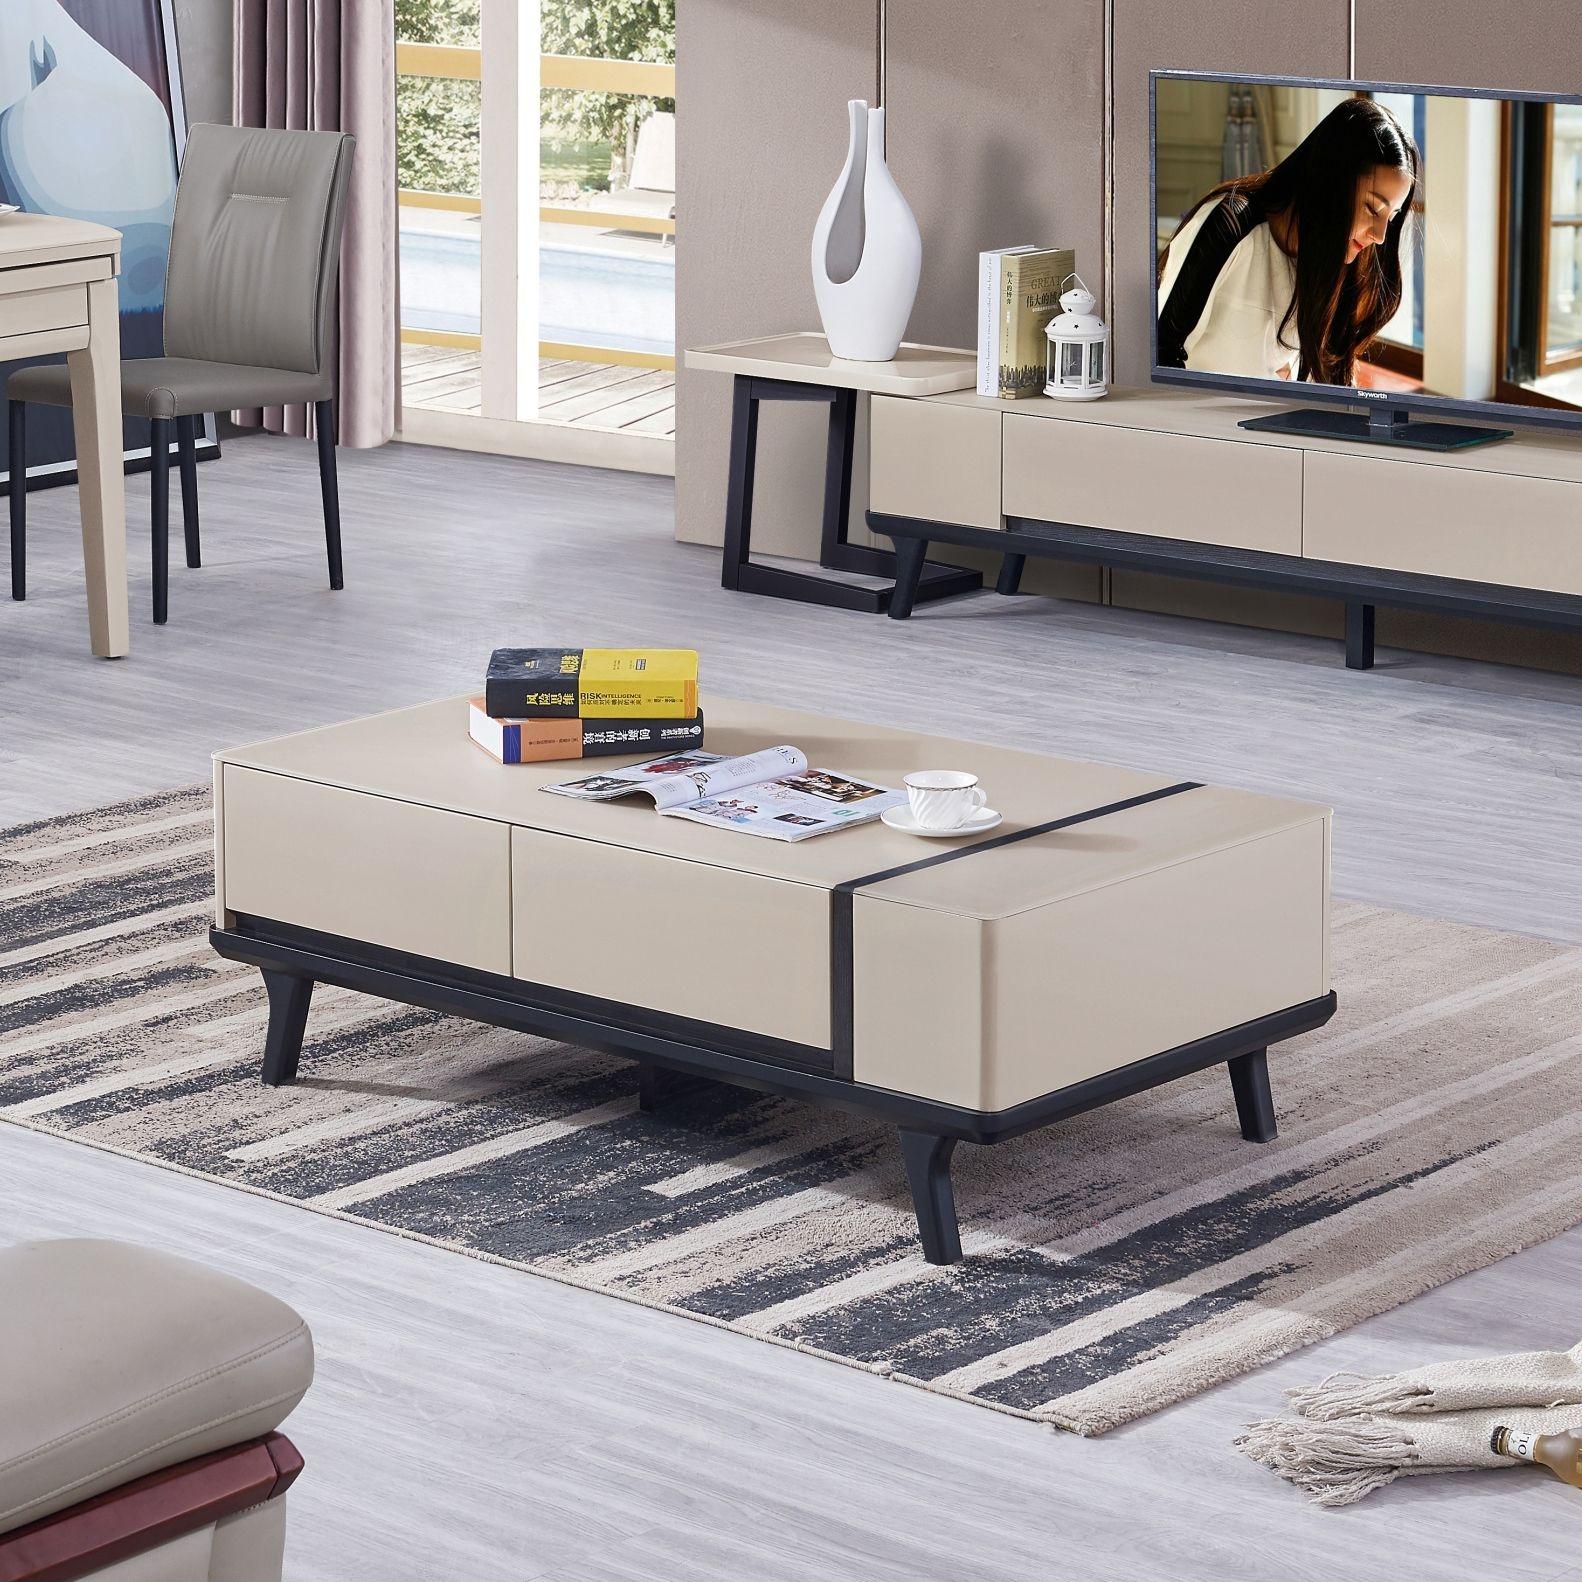 【新红阳】新优美系列  现代极简 实木底框 稳固耐用耐刮花玻璃台面 茶几